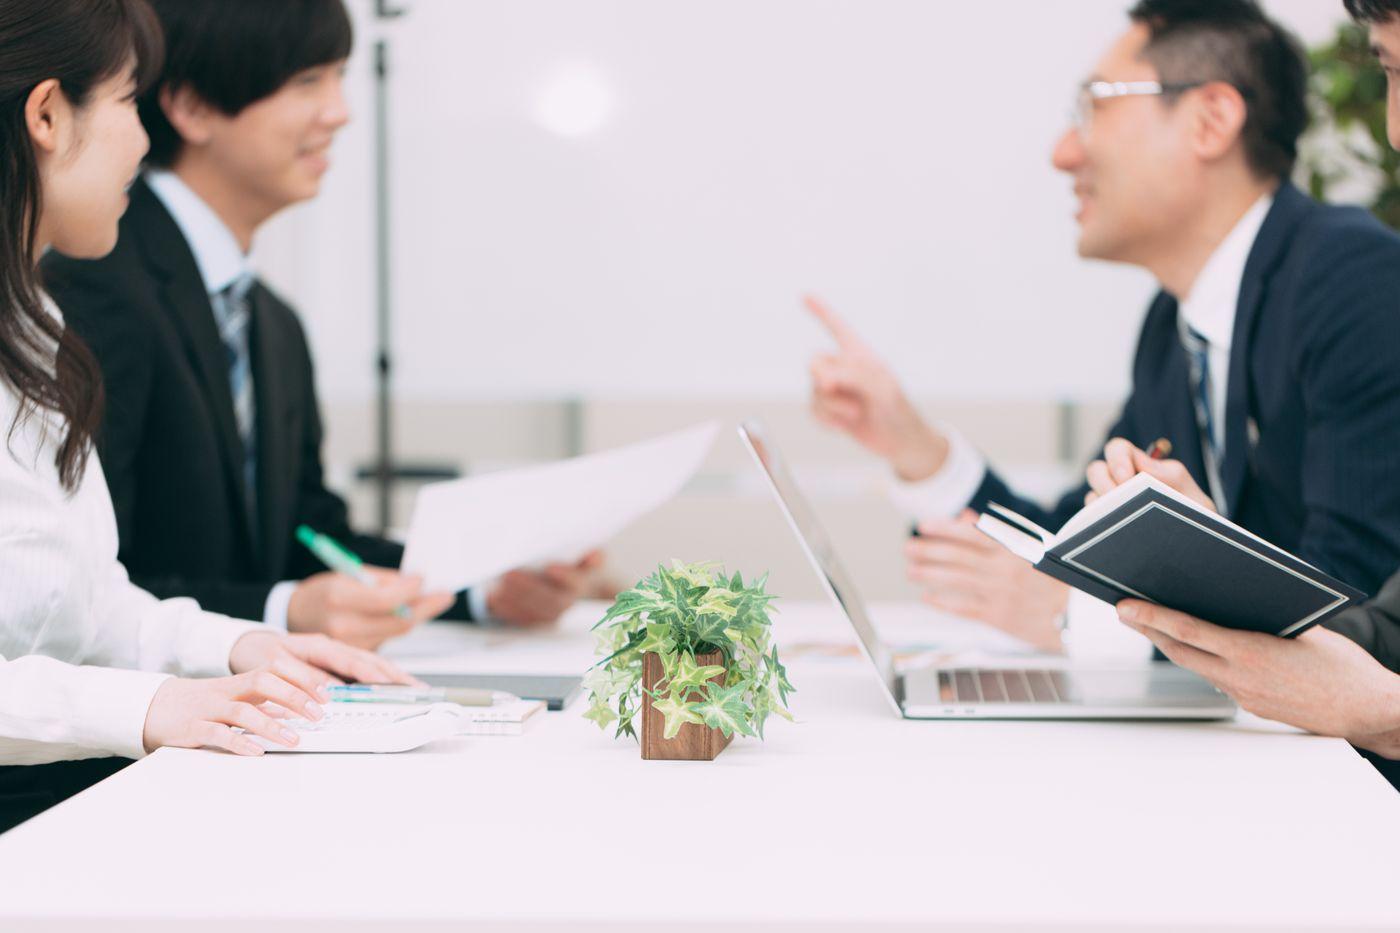 会話が弾む会議の様子の写真